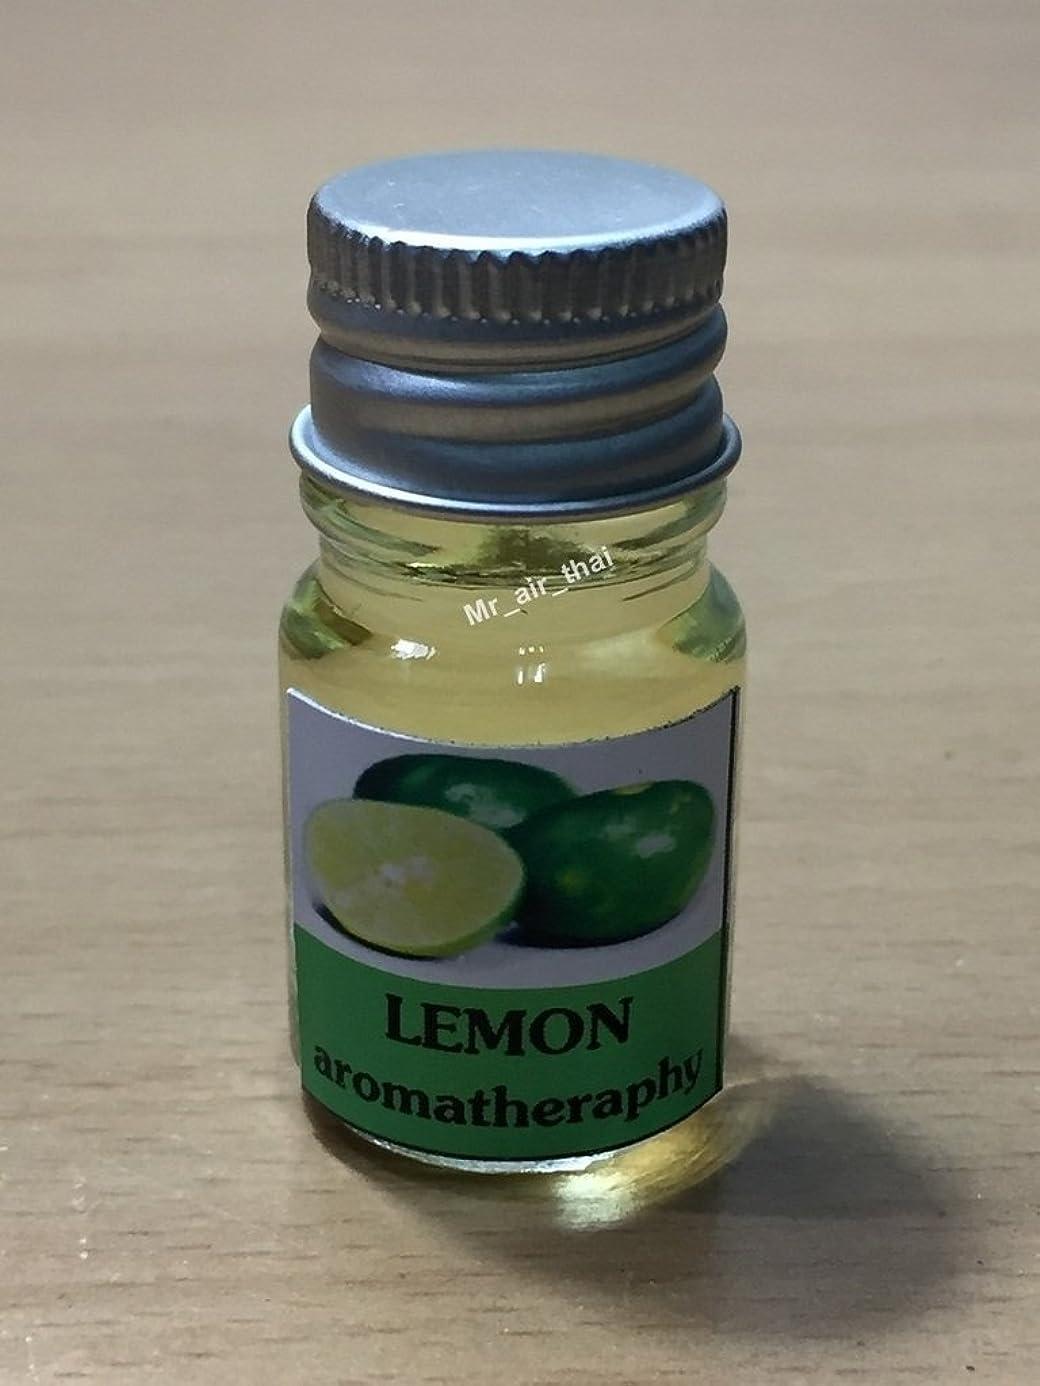 回転不規則性踊り子5ミリリットルアロマタイのレモンフランクインセンスエッセンシャルオイルボトルアロマテラピーオイル自然自然5ml Aroma Thai Lemon Frankincense Essential Oil Bottles Aromatherapy Oils natural nature